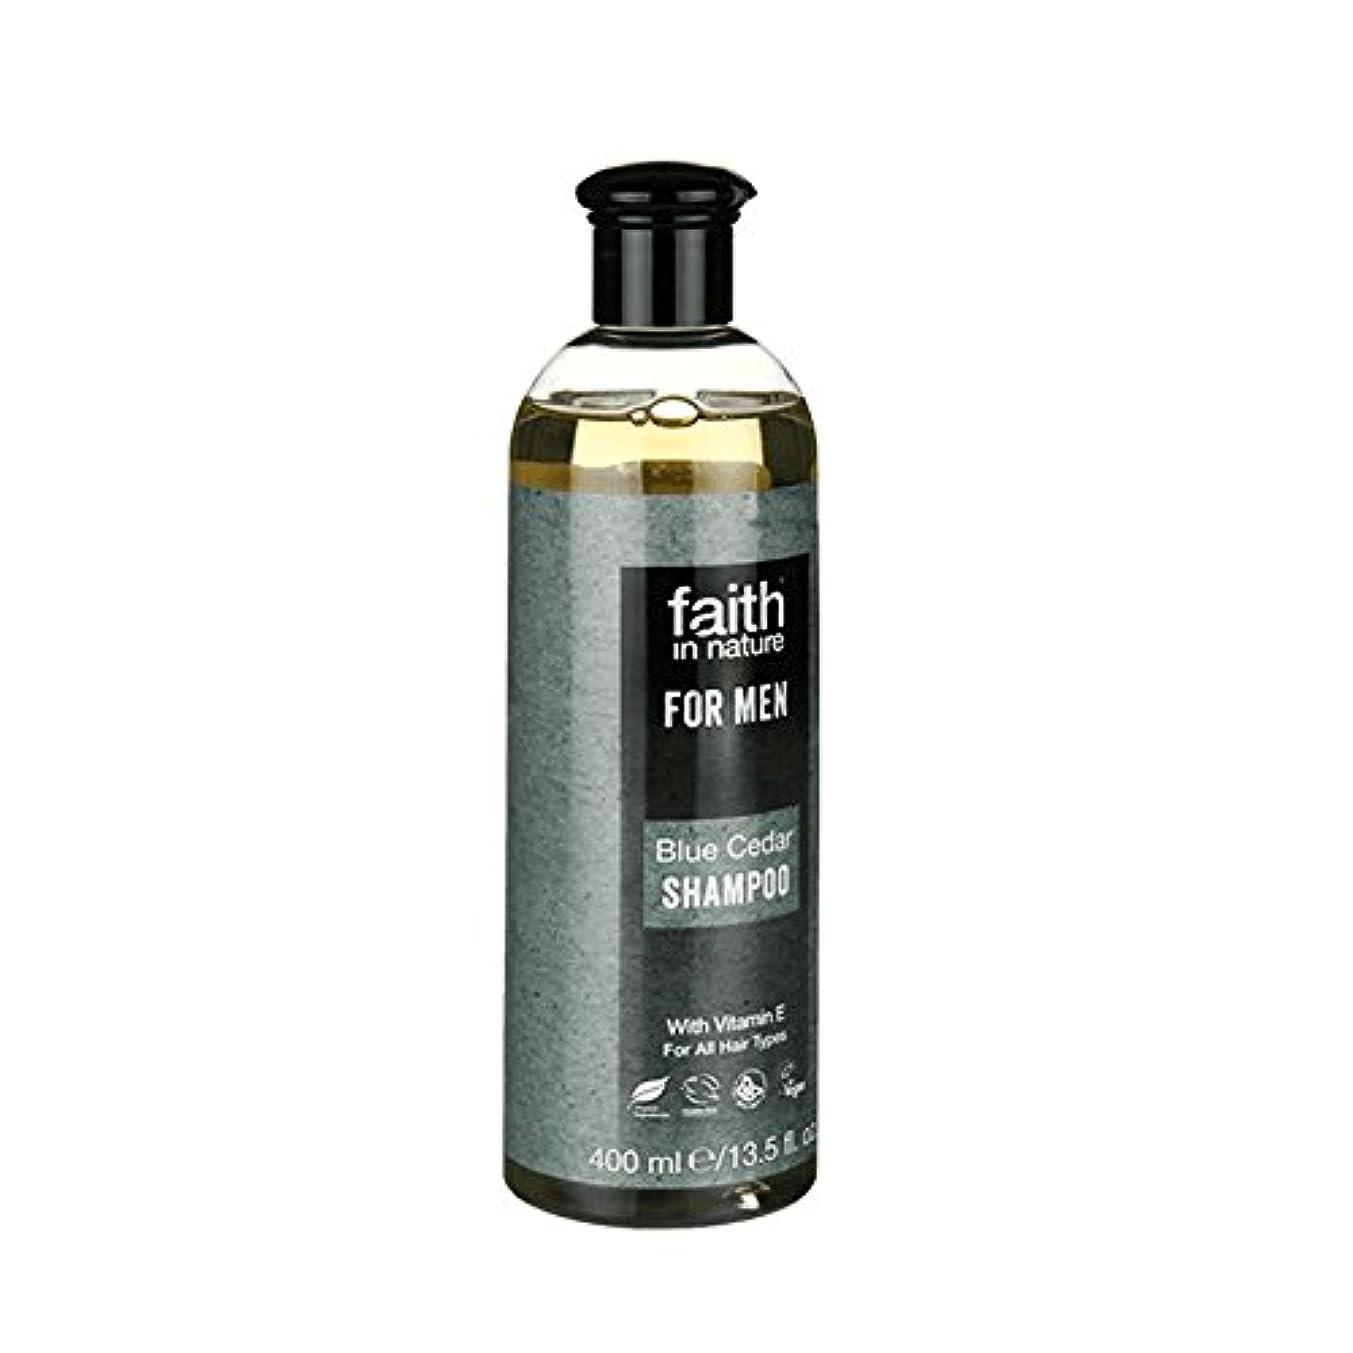 膨らみふつう千Faith in Nature for Men Blue Cedar Shampoo 400ml (Pack of 2) - 男性青杉のシャンプー400ミリリットルのための自然の中で信仰 (x2) [並行輸入品]